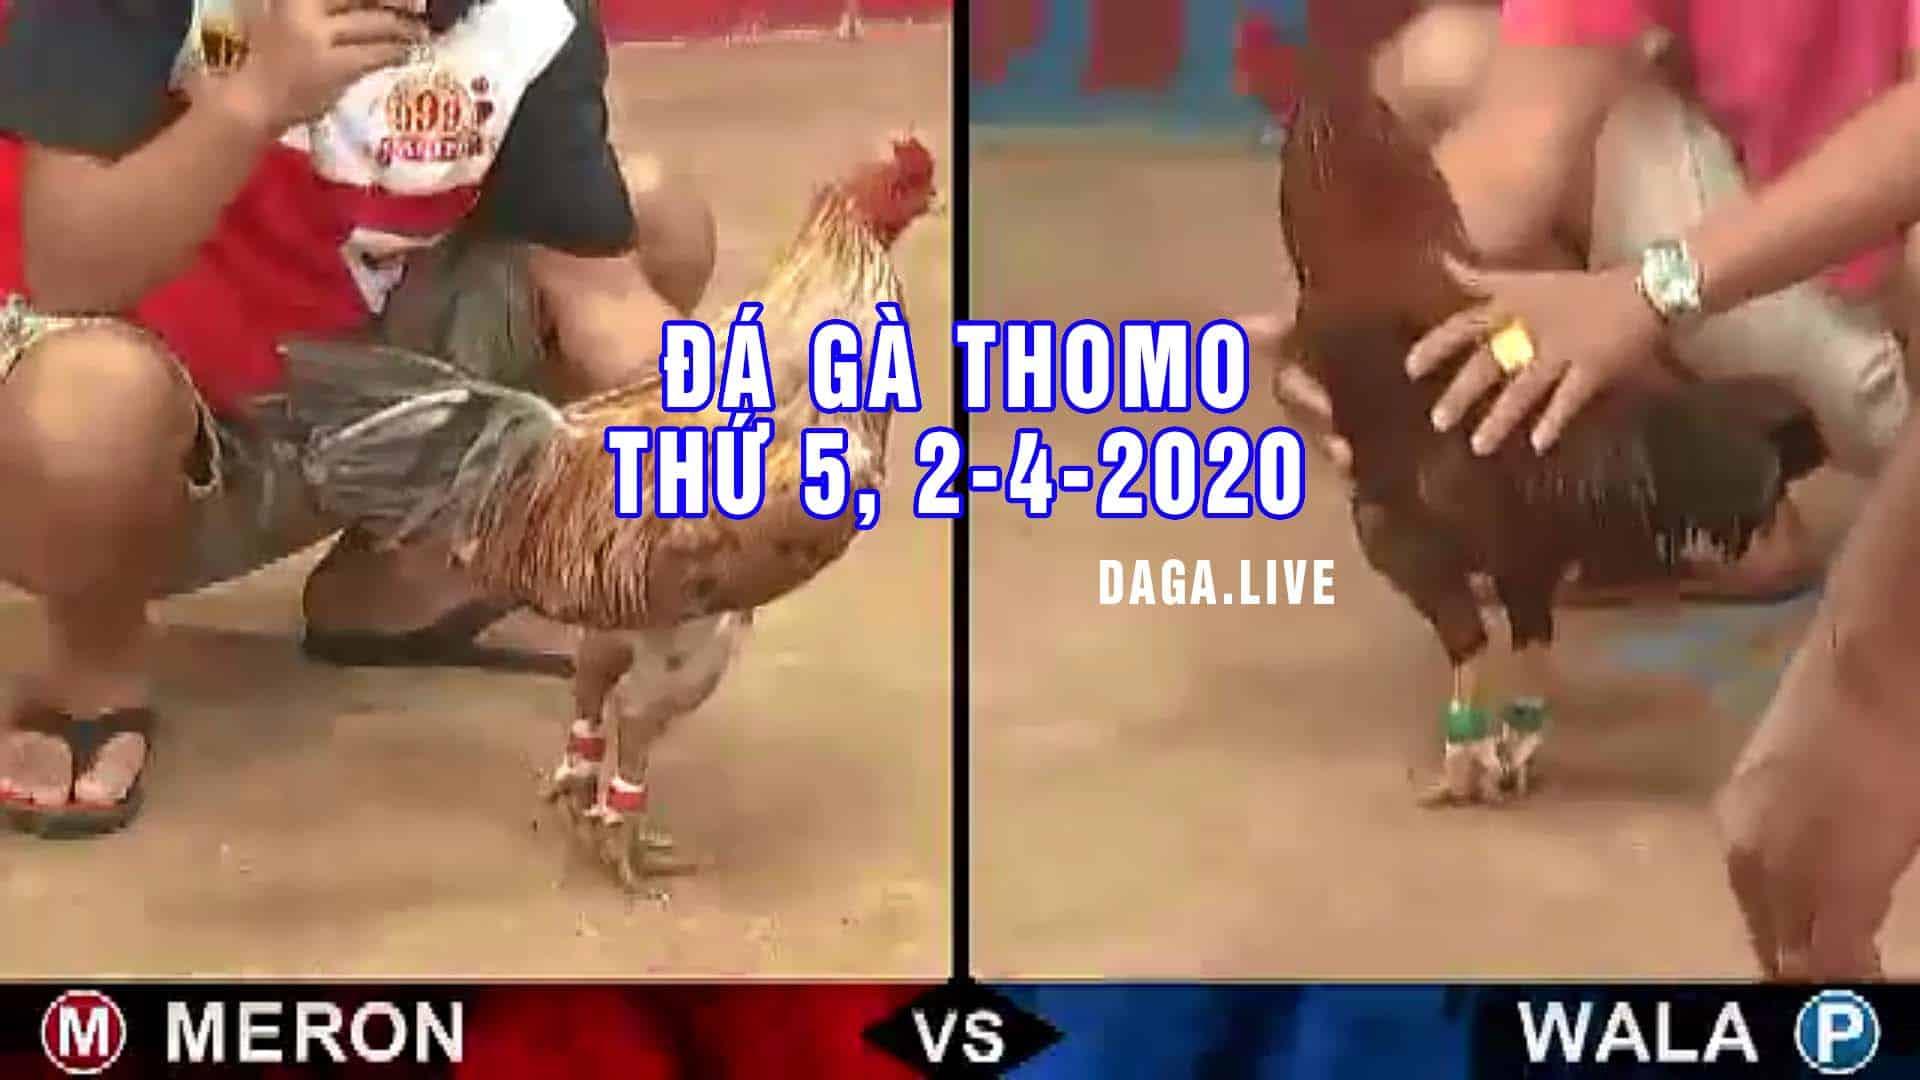 DAGA.LIVE - Đá gà thomo hôm nay, đá gà cựa sắt, đá gà campuchia, đá gà trực tiếp thứ 5 ngày 2-4-2020